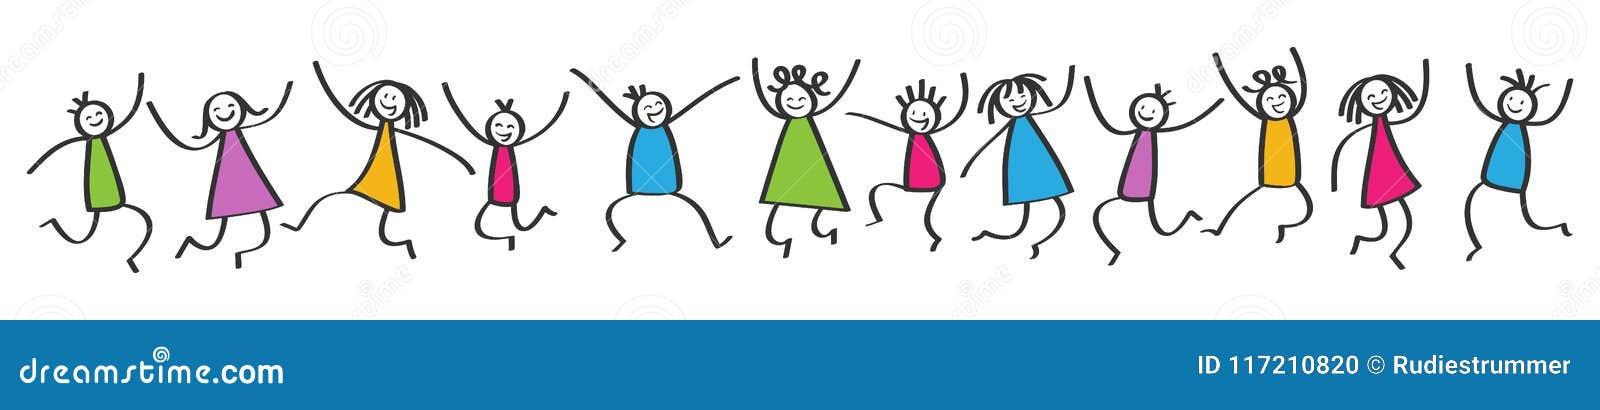 简单的棍子在天空中计算横幅,跳跃愉快的五颜六色的孩子,手